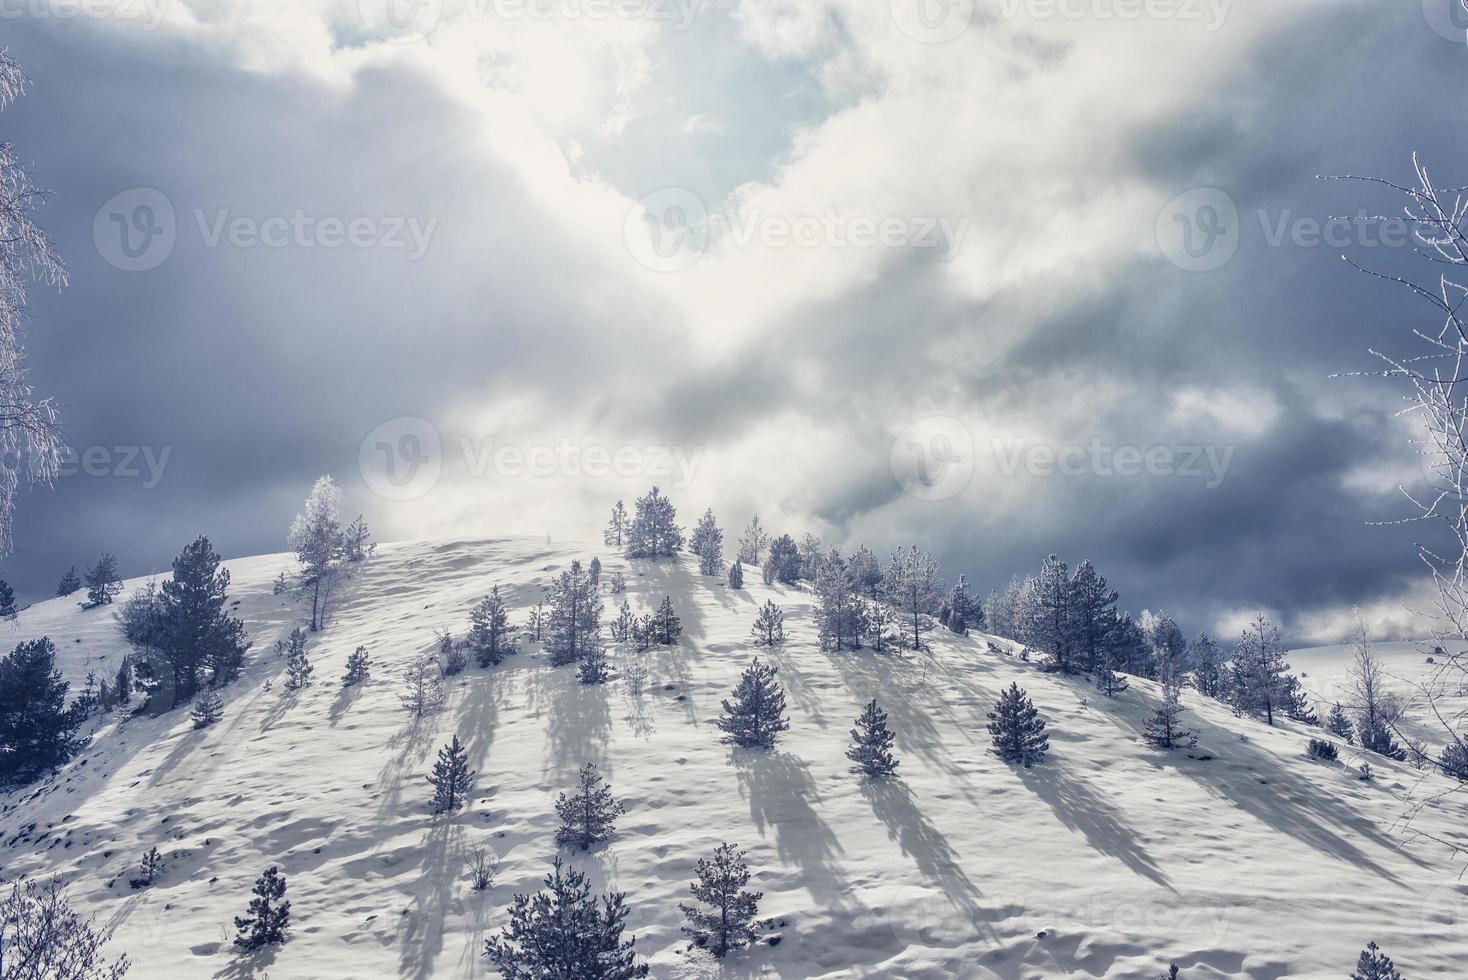 kulle täckt med snö foto